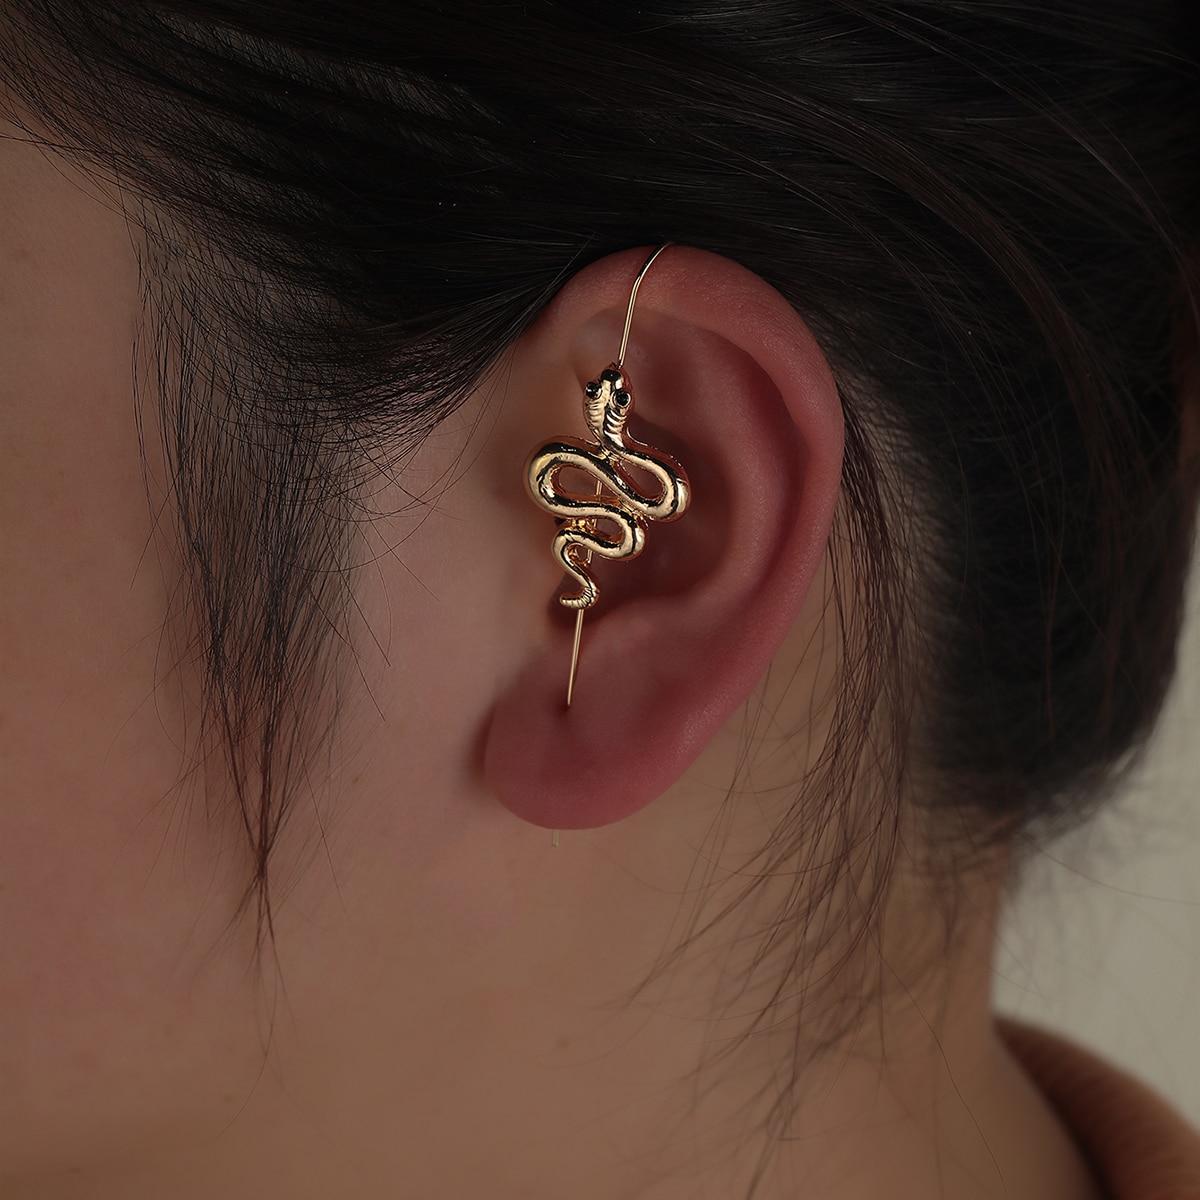 1 pièce Boucle d'oreille à serpentine